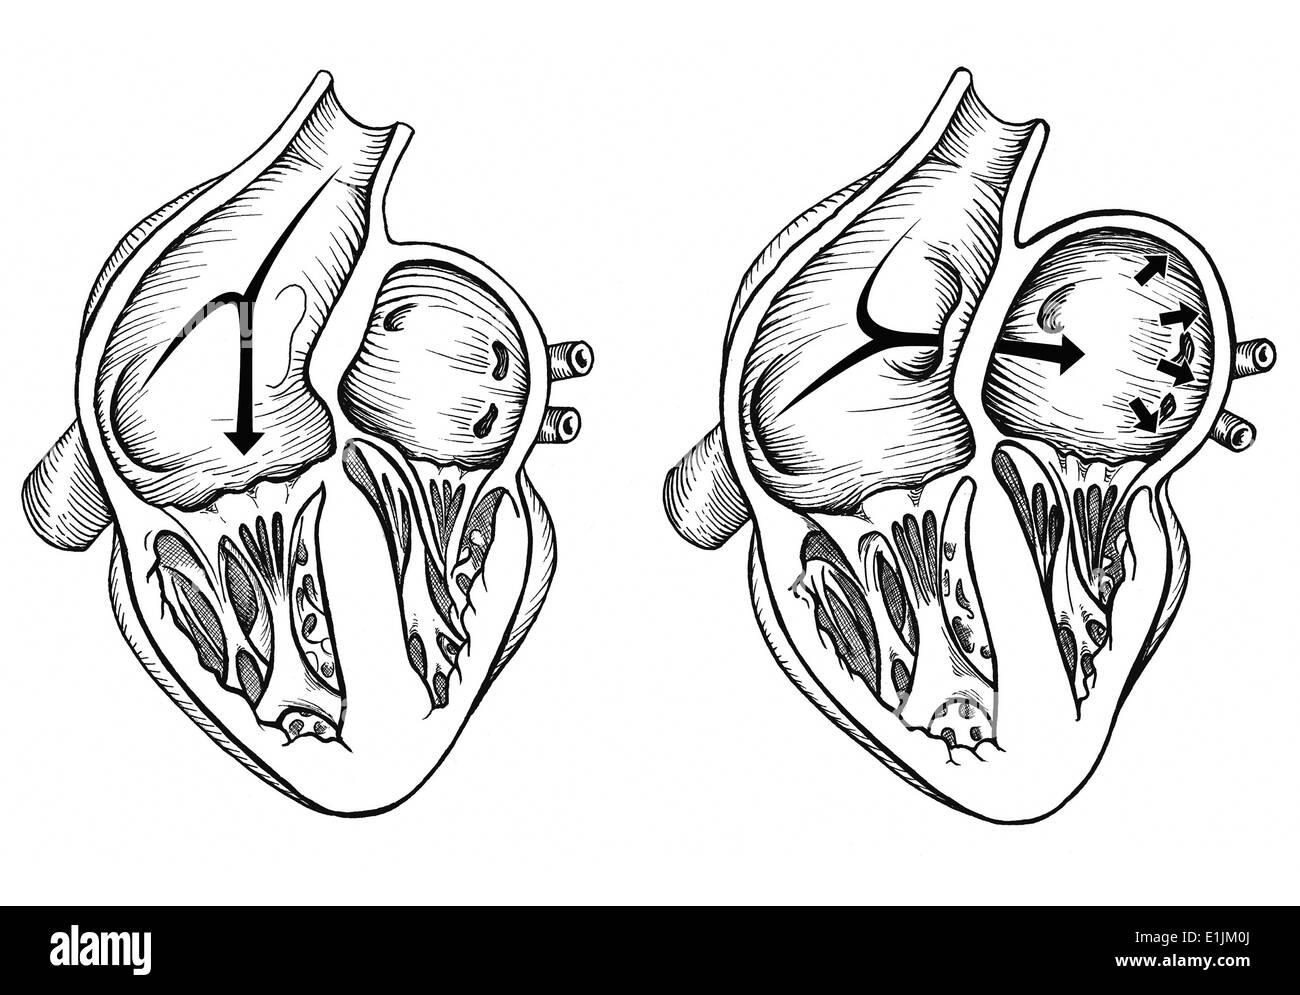 Comparación de corazón normal versus el corazón con un foramen oval permeable. Foto de stock